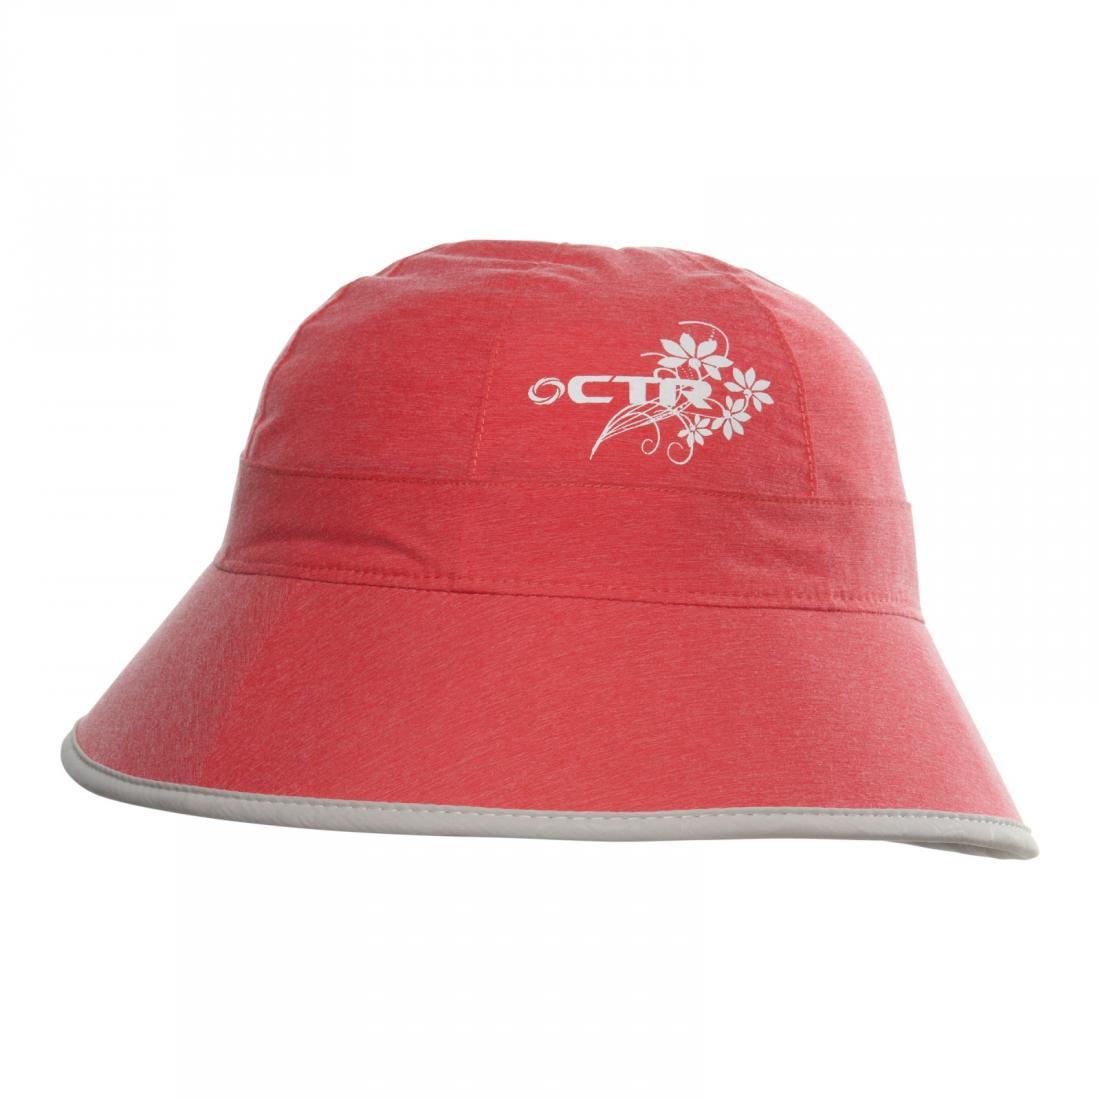 Панама Chaos  Stratus Cloche Rain Hat (женс)Панамы<br><br> Яркая дождевая женская панама Chaos Stratus Cloche Rain Hat станет отличным решением для пасмурного дня. Она функциональна и удобна, имеет привлекательный внешний вид и отличается высоким качеством материалов.<br><br><br>Панама выполнена из ...<br><br>Цвет: Красный<br>Размер: L-XL